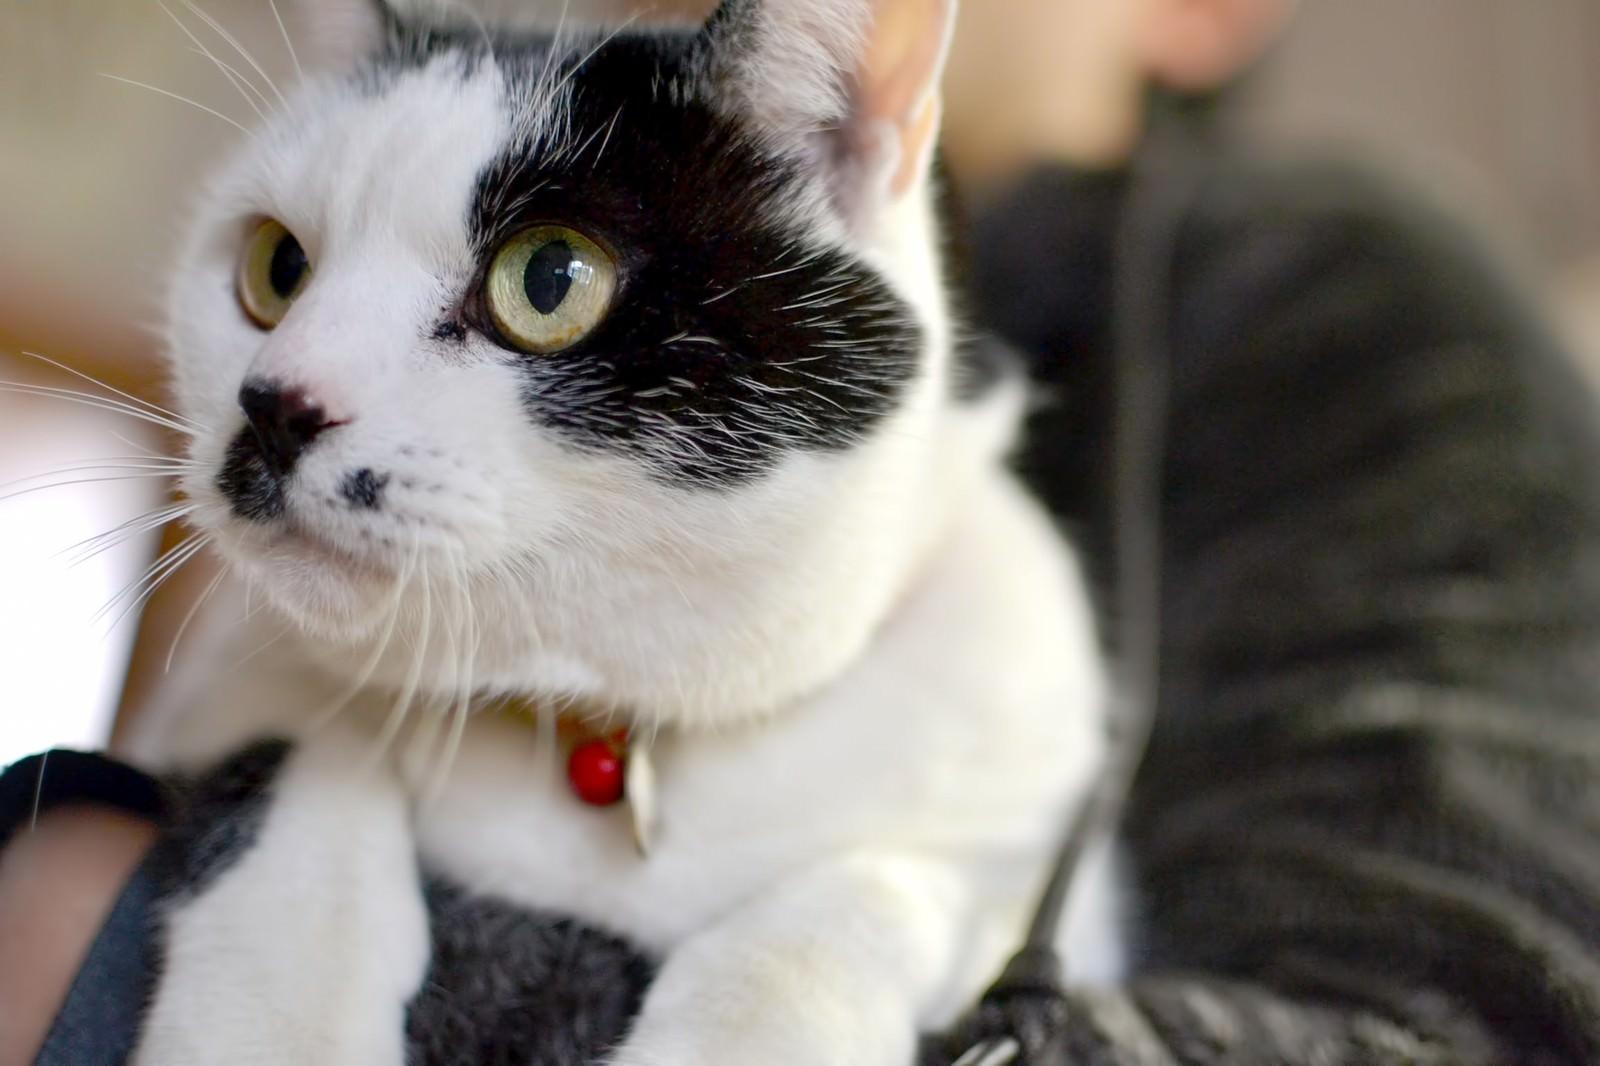 「抱っこされる猫抱っこされる猫」のフリー写真素材を拡大